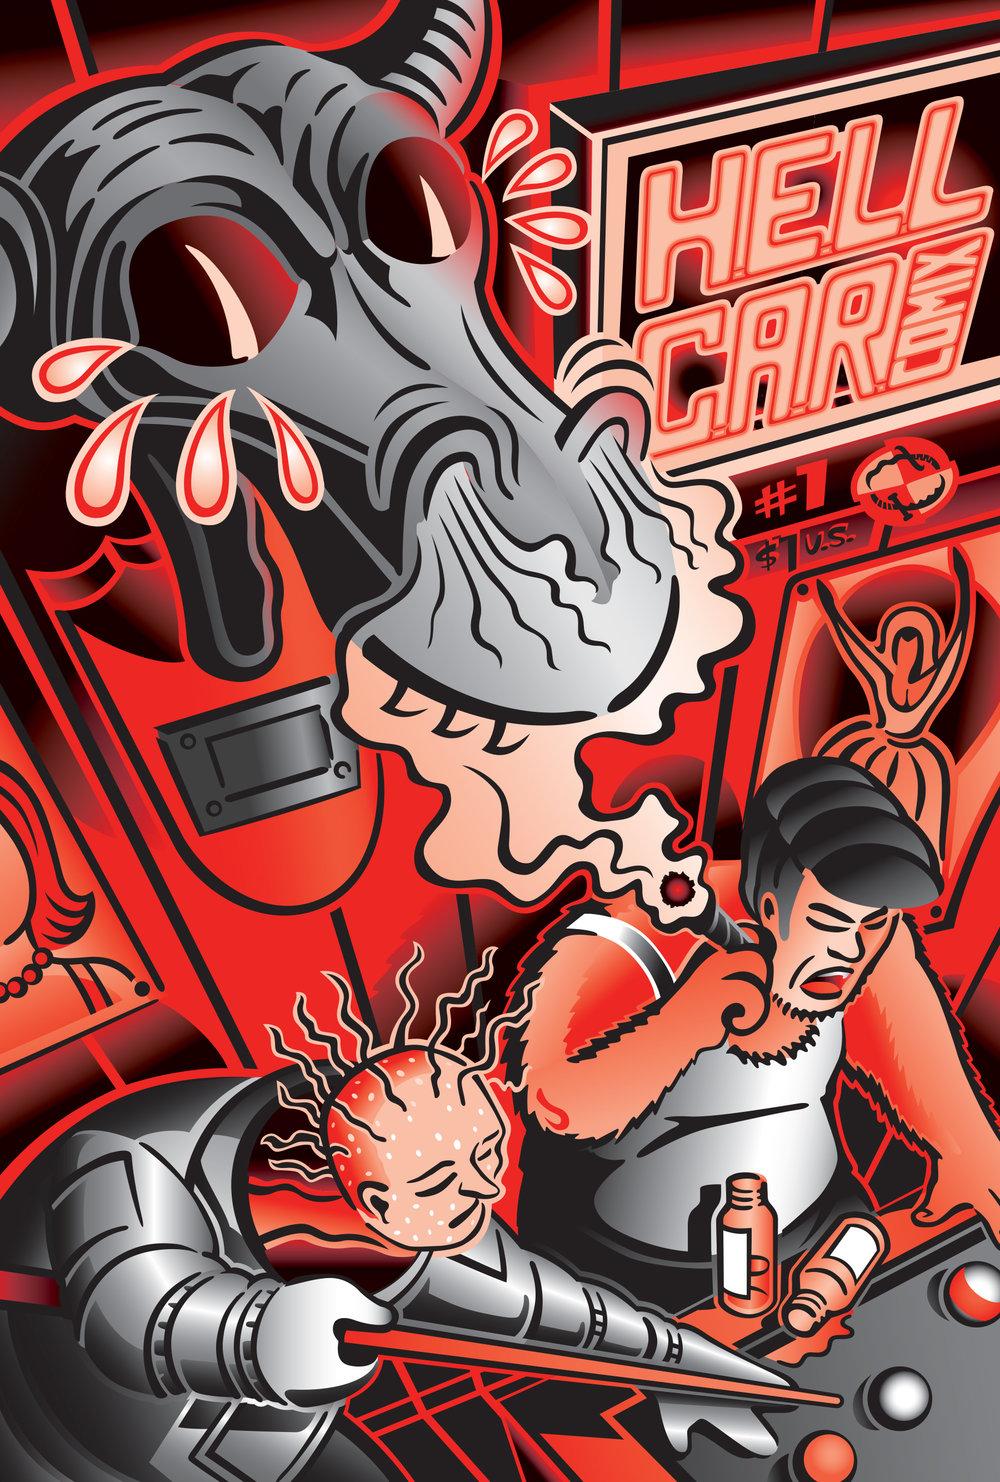 HellCar Comix #2 Cover